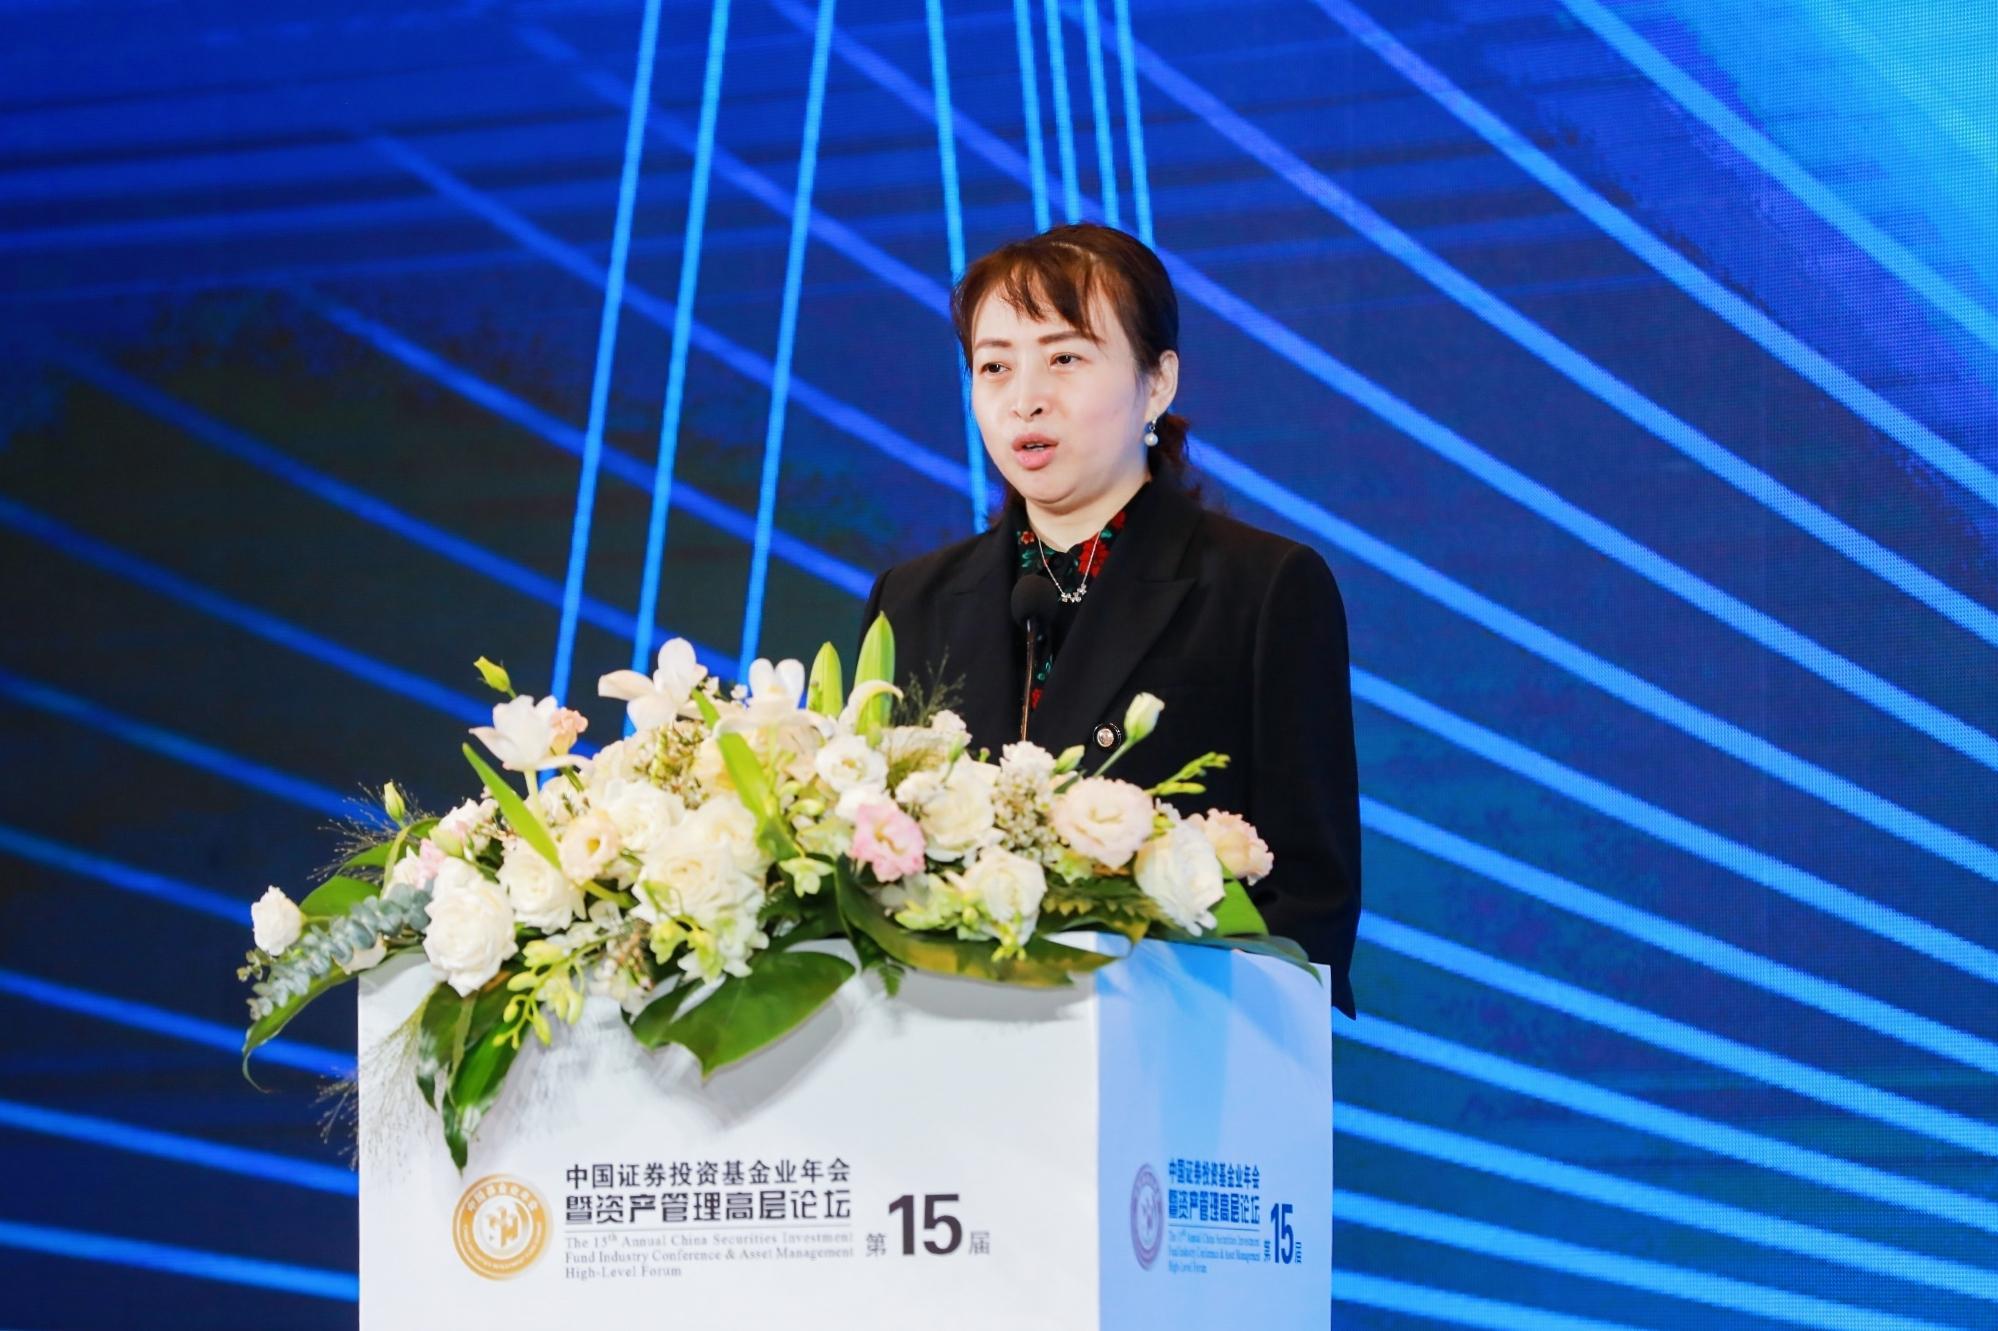 中基协副秘书长黄丽萍:积极探索碳基金、ESG基金备案绿色通道